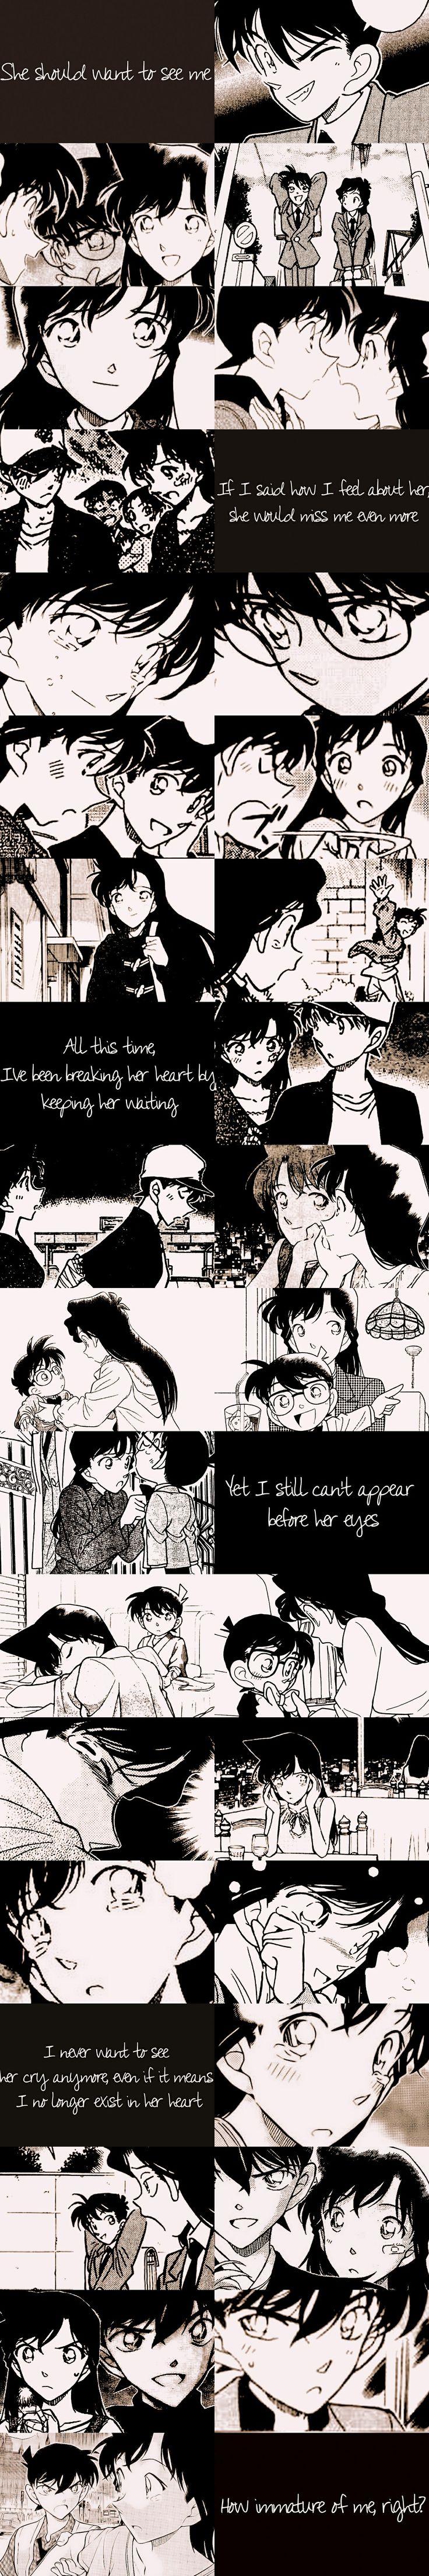 Shinichi and Ran Detective Conan Love Simplemente, amé la imagen <3